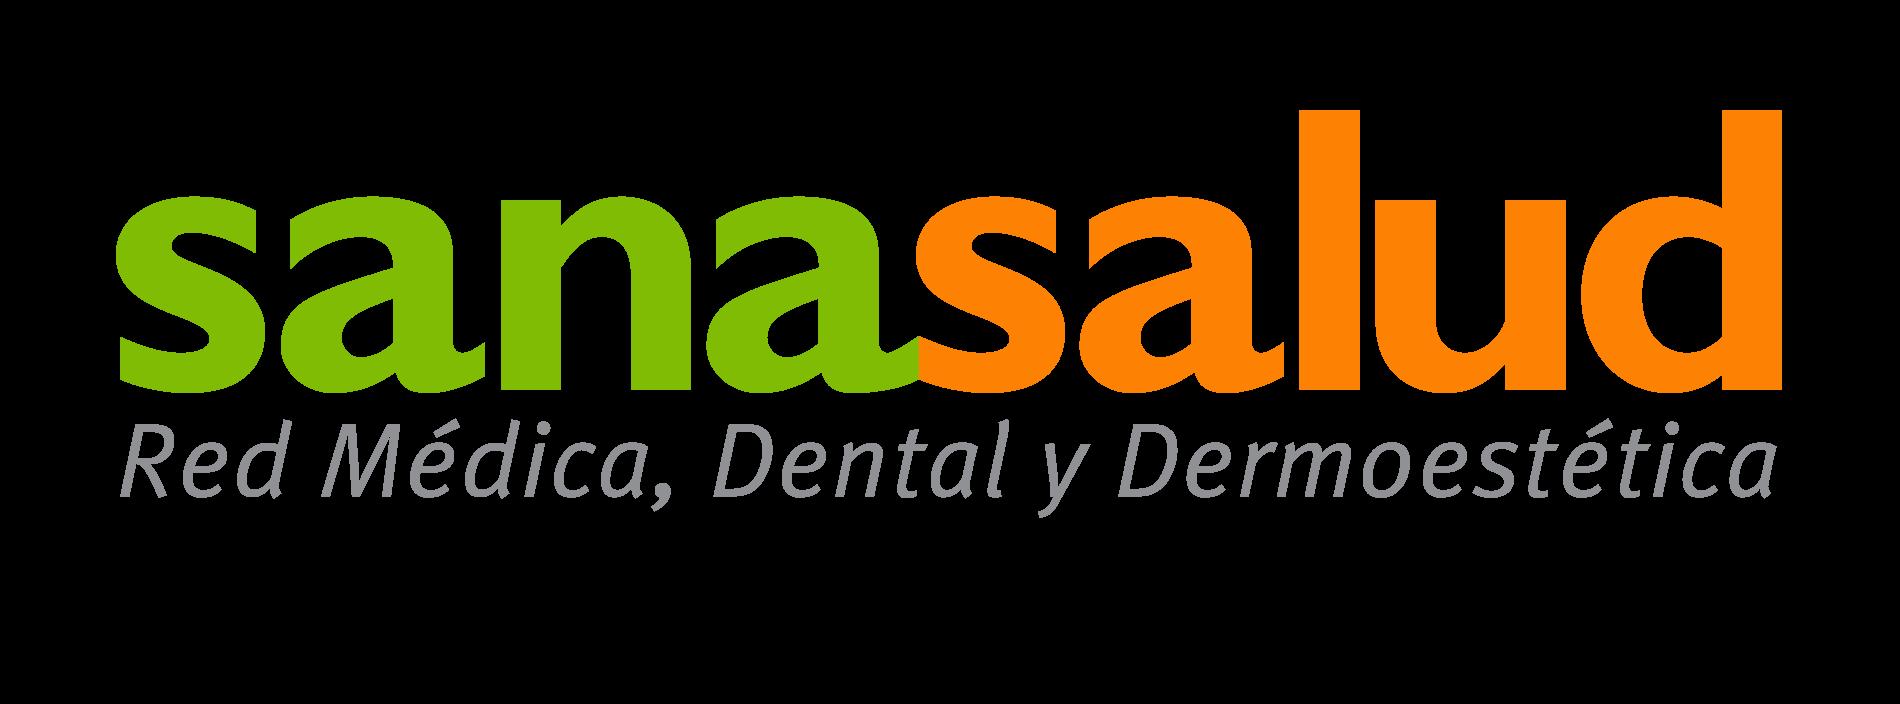 Centro Médico Sanasalud - Especialidades médicas